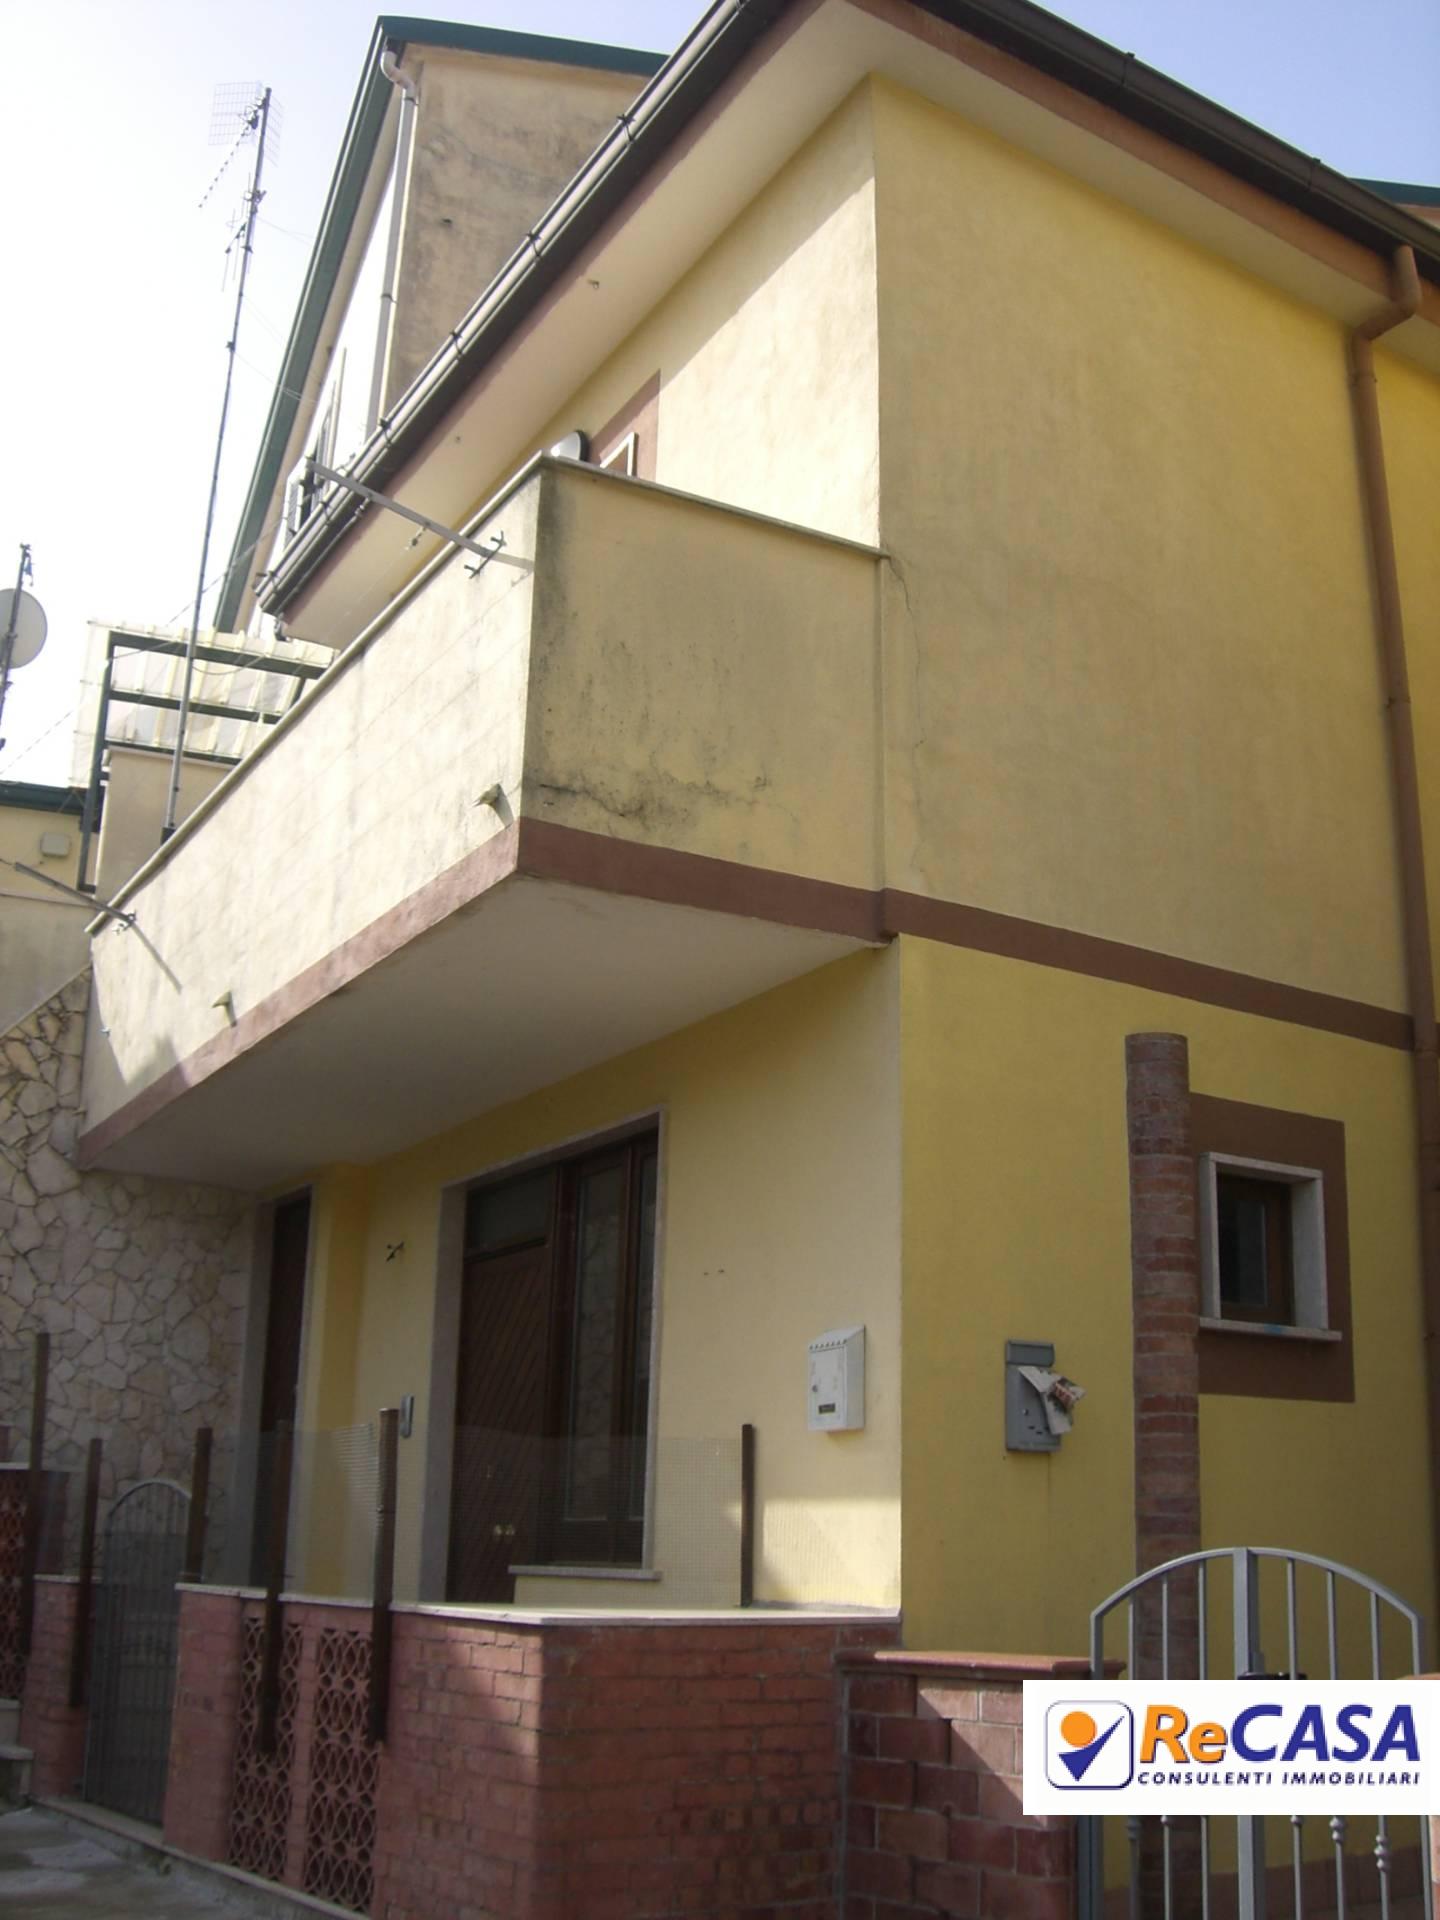 Soluzione Indipendente in vendita a Montecorvino Rovella, 3 locali, zona Località: SanMartino, prezzo € 79.000 | Cambio Casa.it